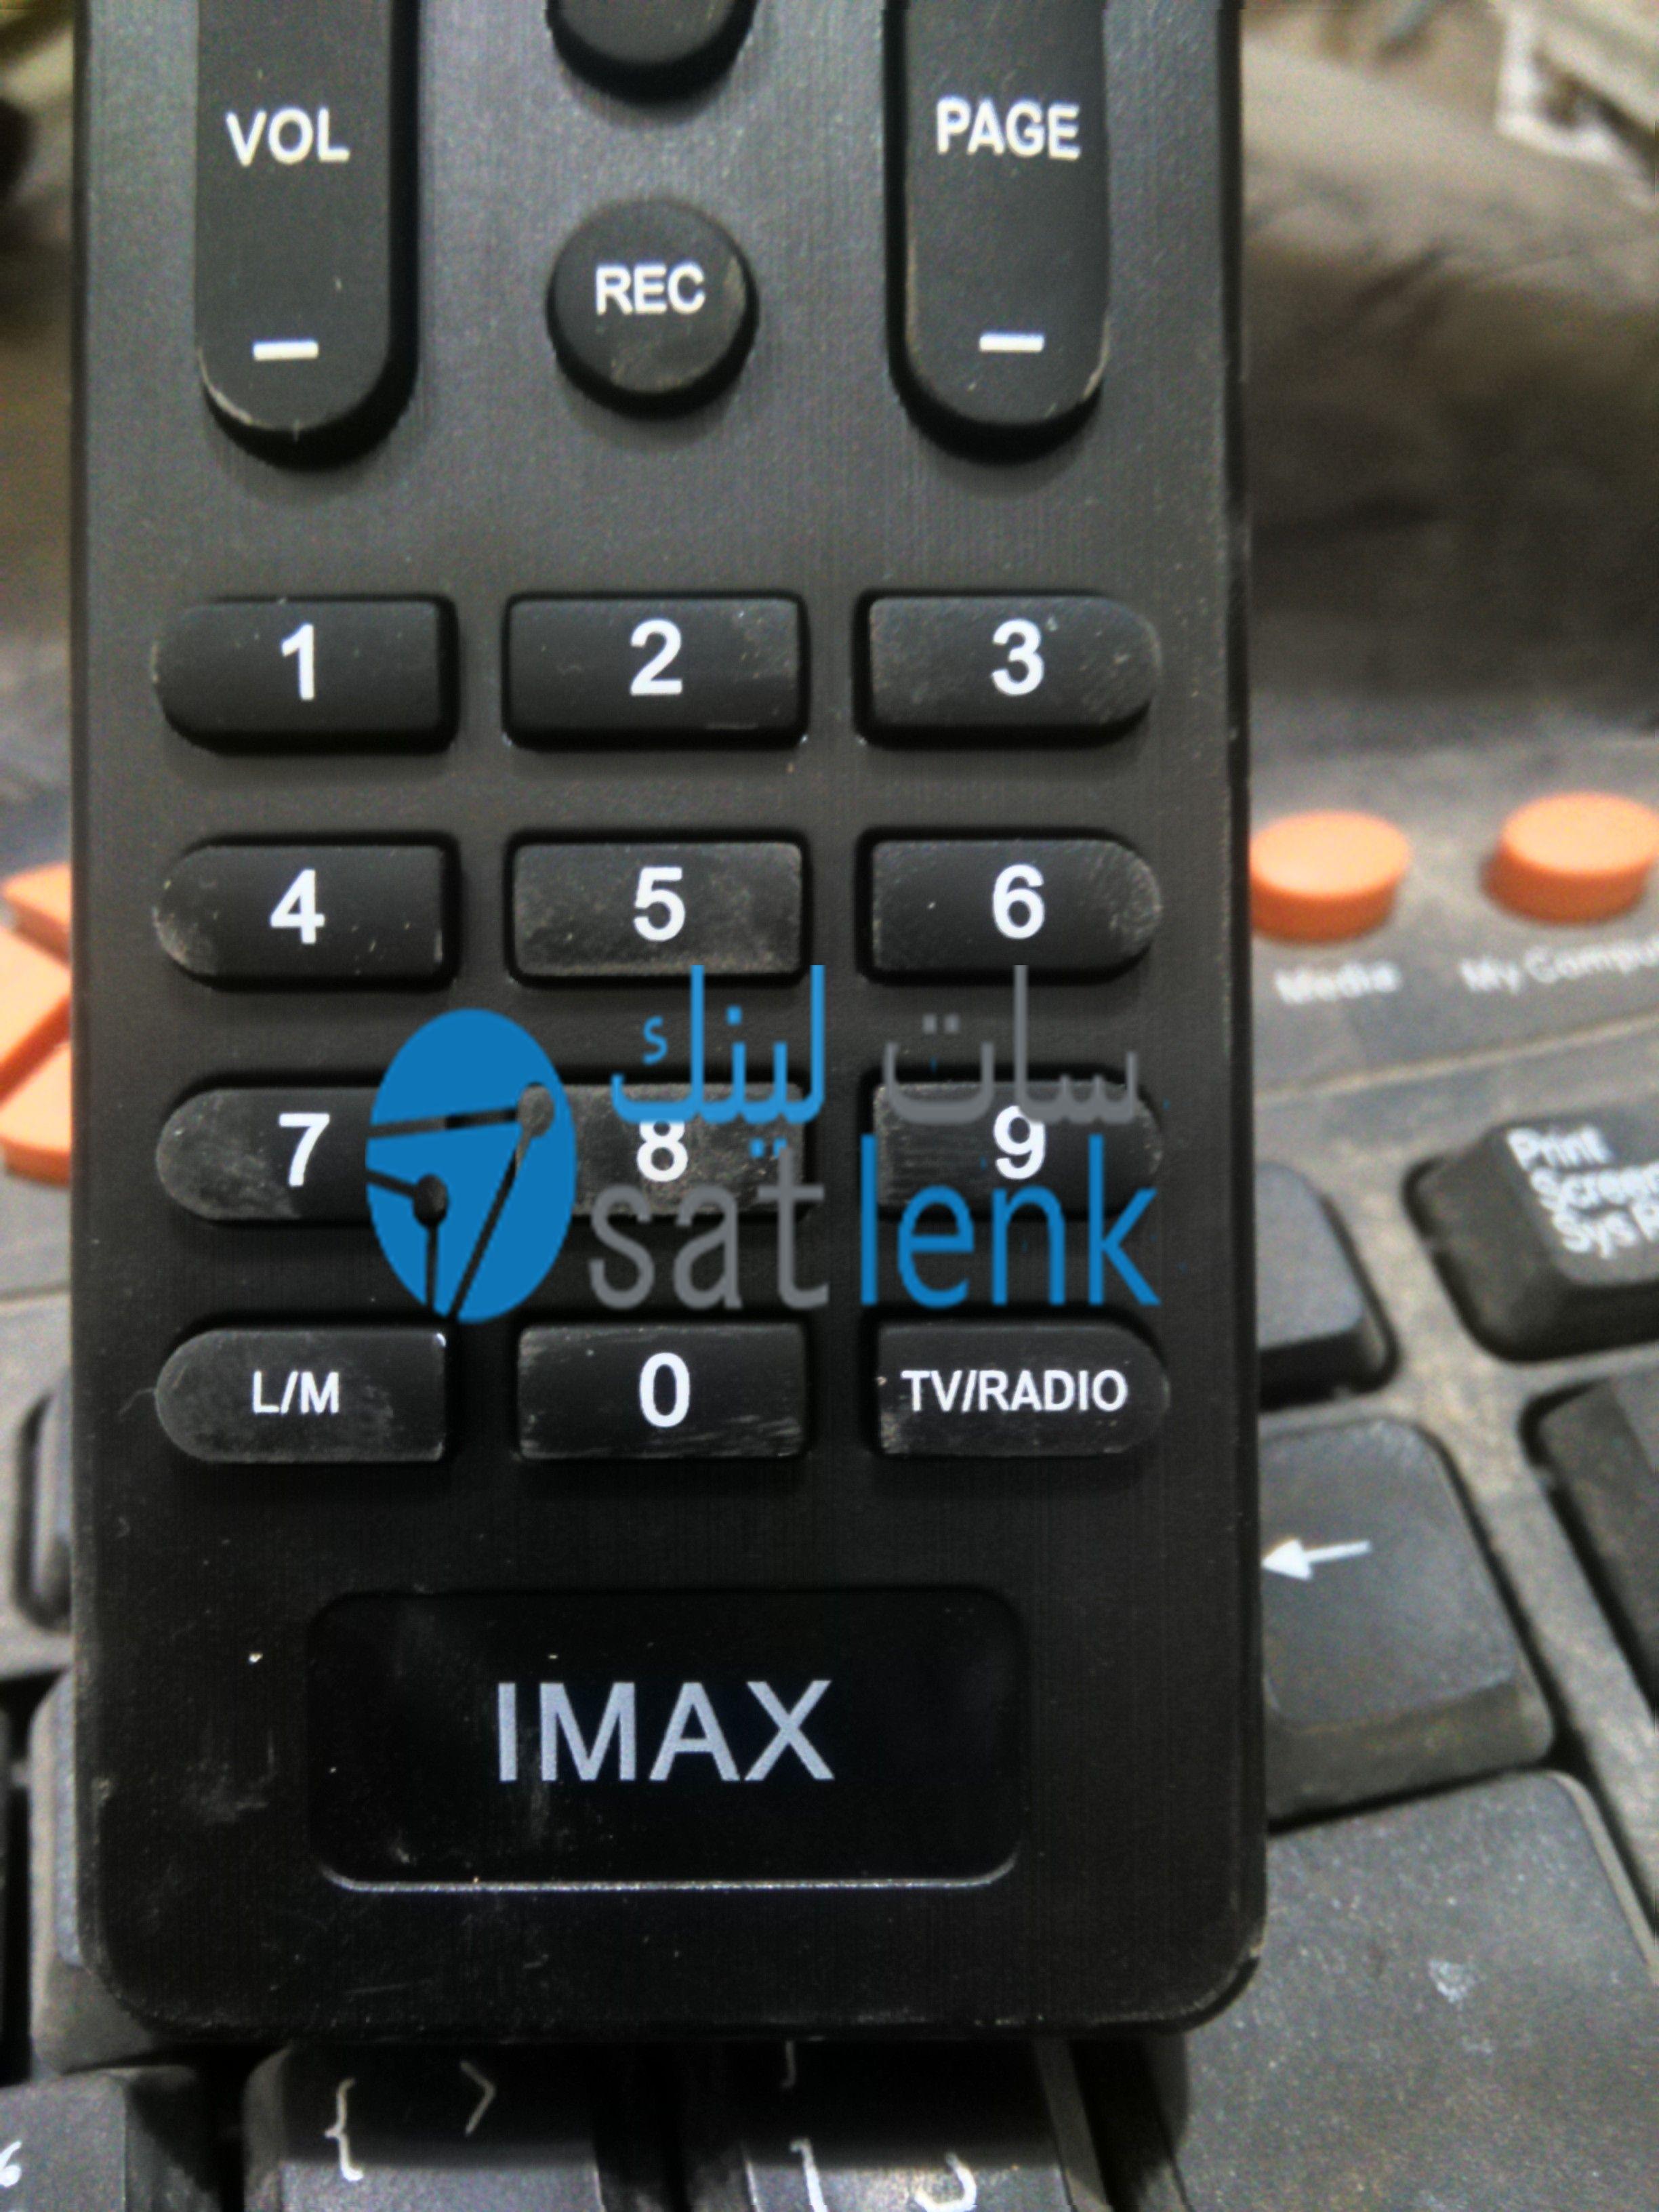 بديل ريموت أفاتار avatar 999+usb